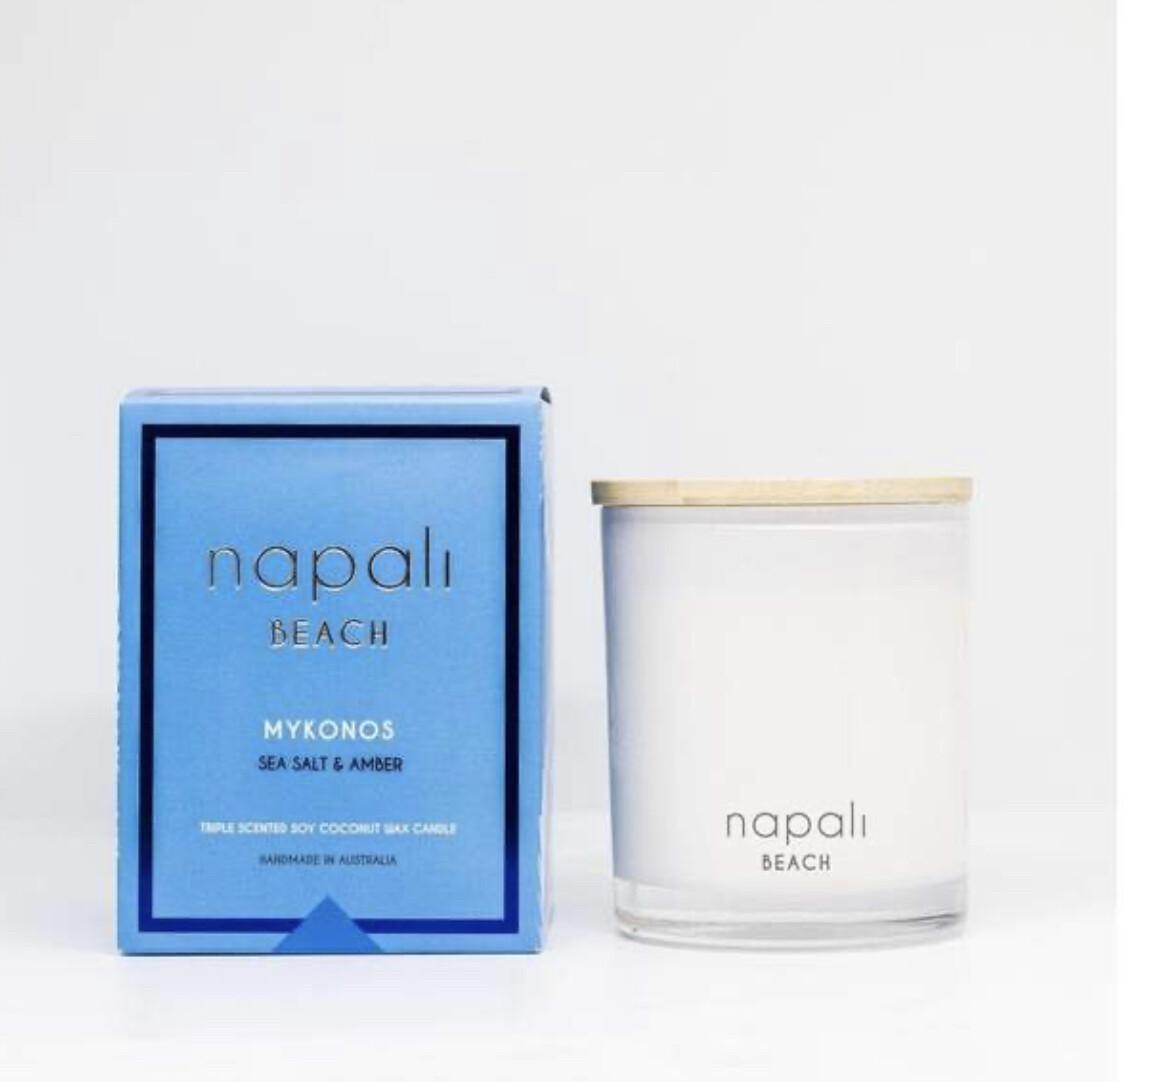 NAPALI  BEACH- MYKONOS-Soy/Coconut Wax Candle-Sea Salt & Amber - 160g